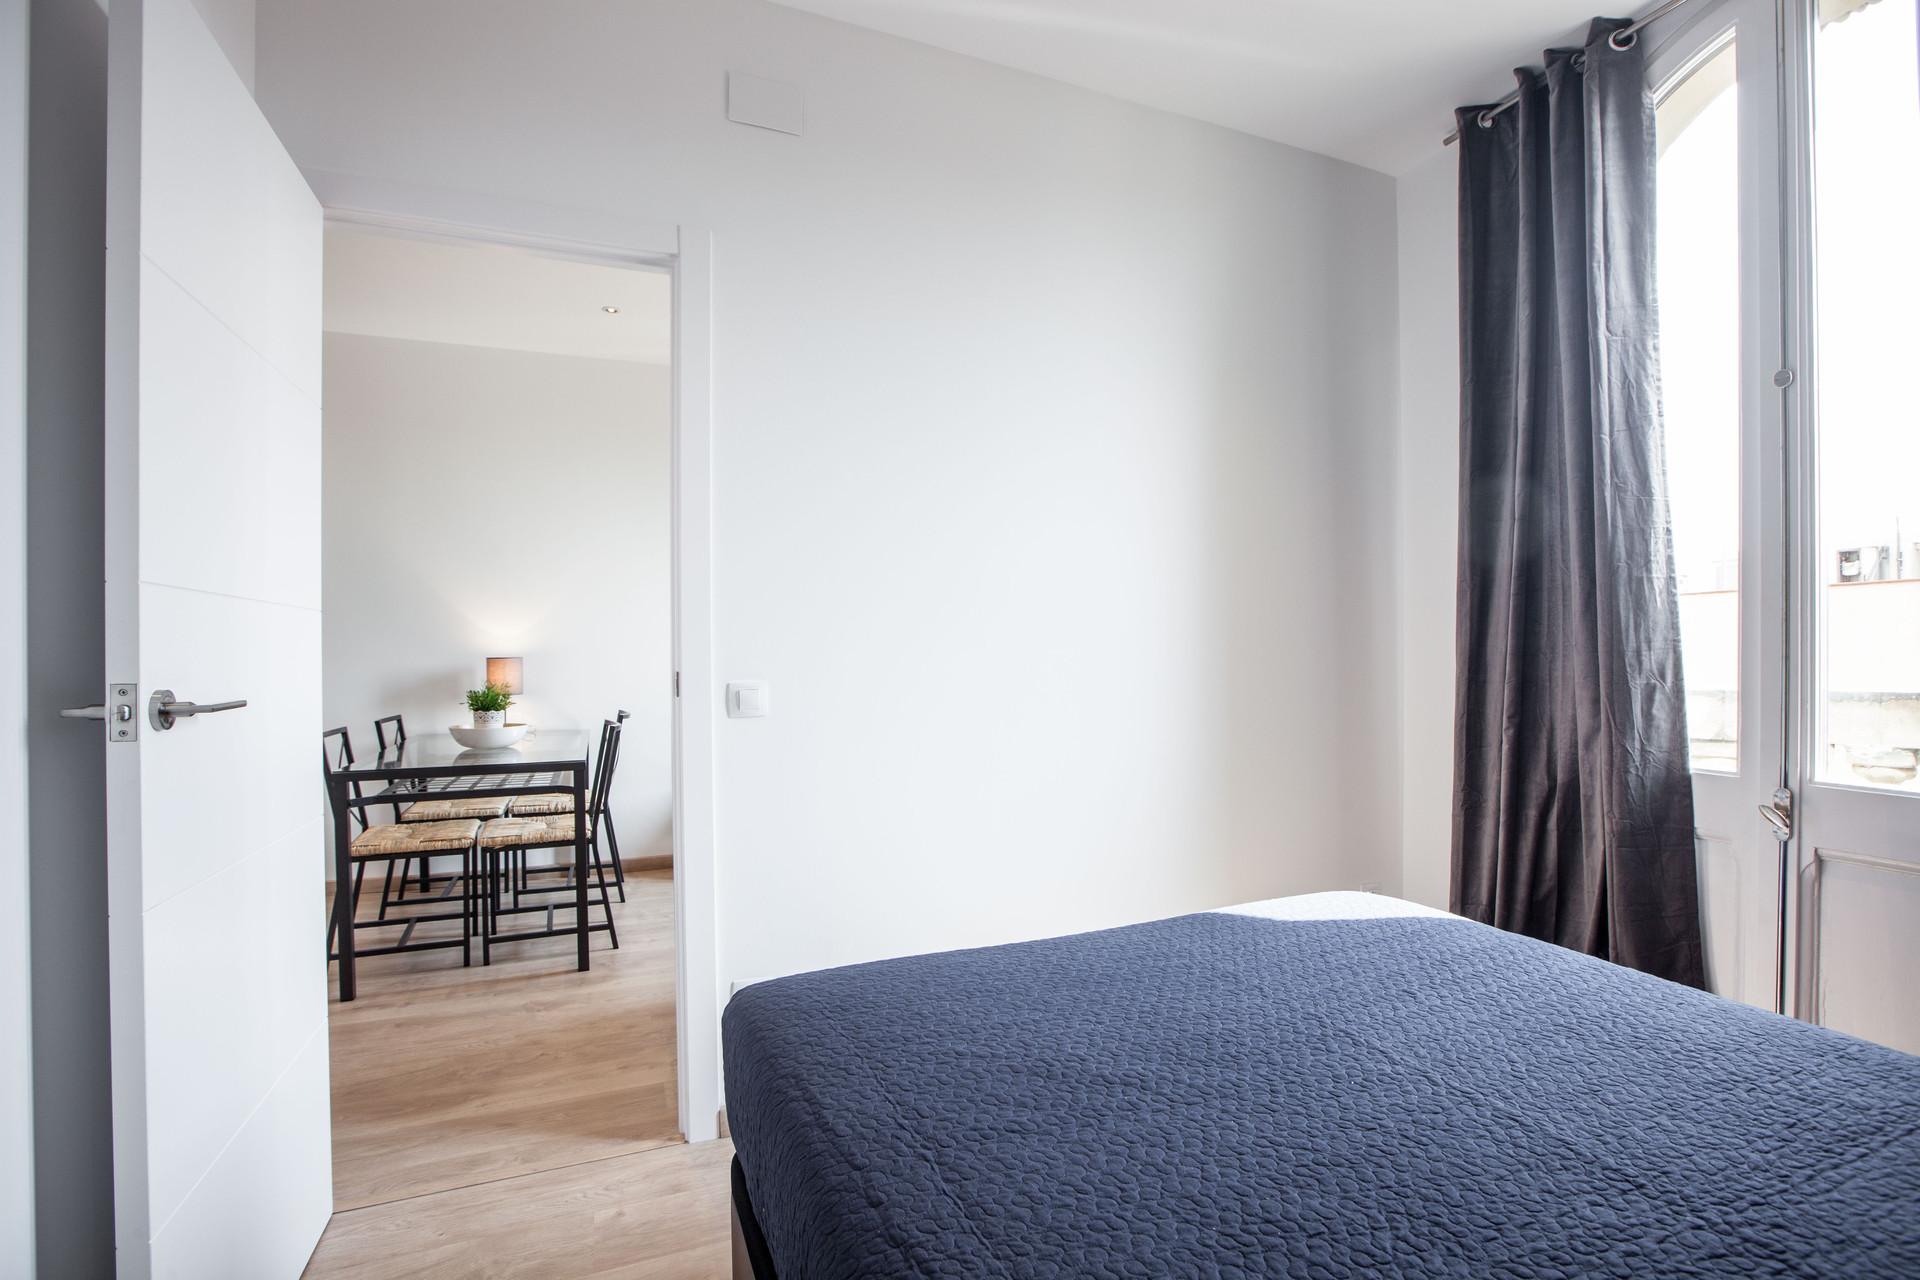 Bonito apartamento de 3 habitaciones cerca a plaza espa a alquiler pisos barcelona - Casas en alquiler cerca de barcelona ...